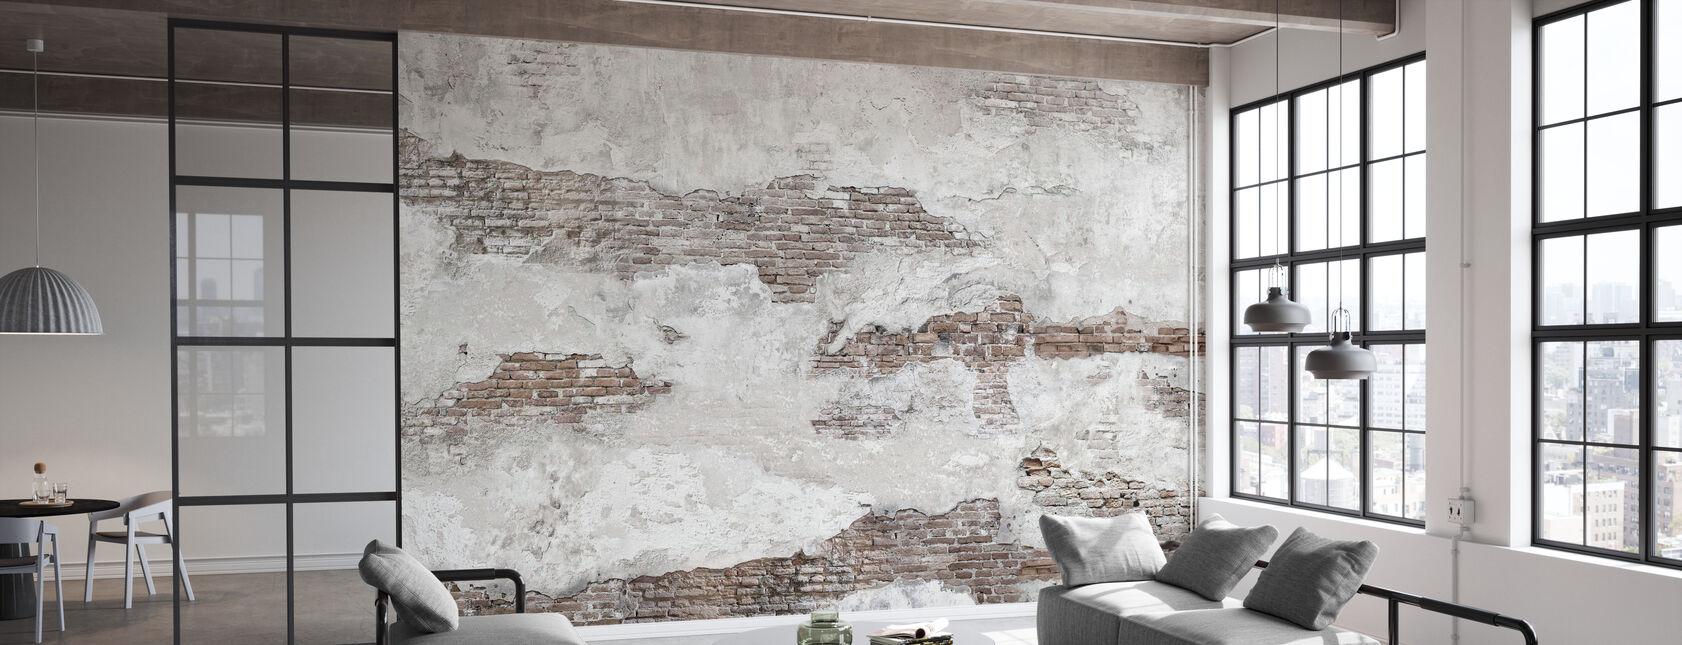 Oude bakstenen muur - Behang - Kantoor